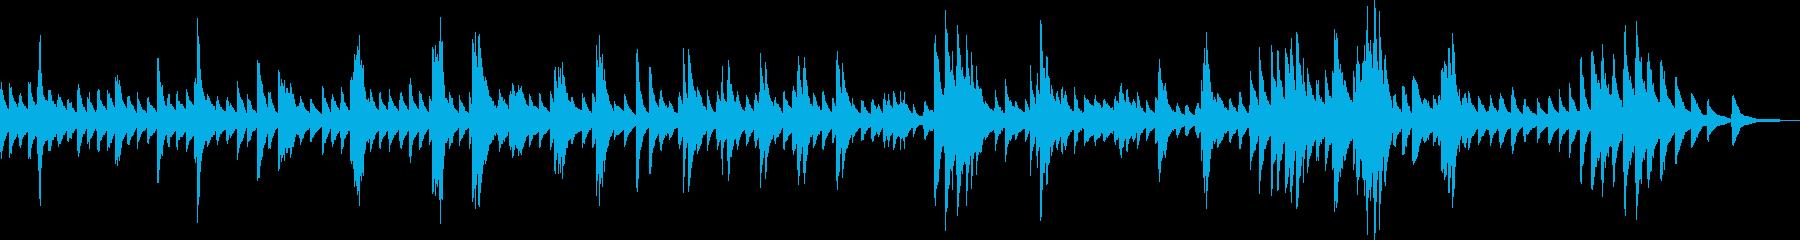 後悔(ピアノ・悲しい・暗い・BGM)の再生済みの波形